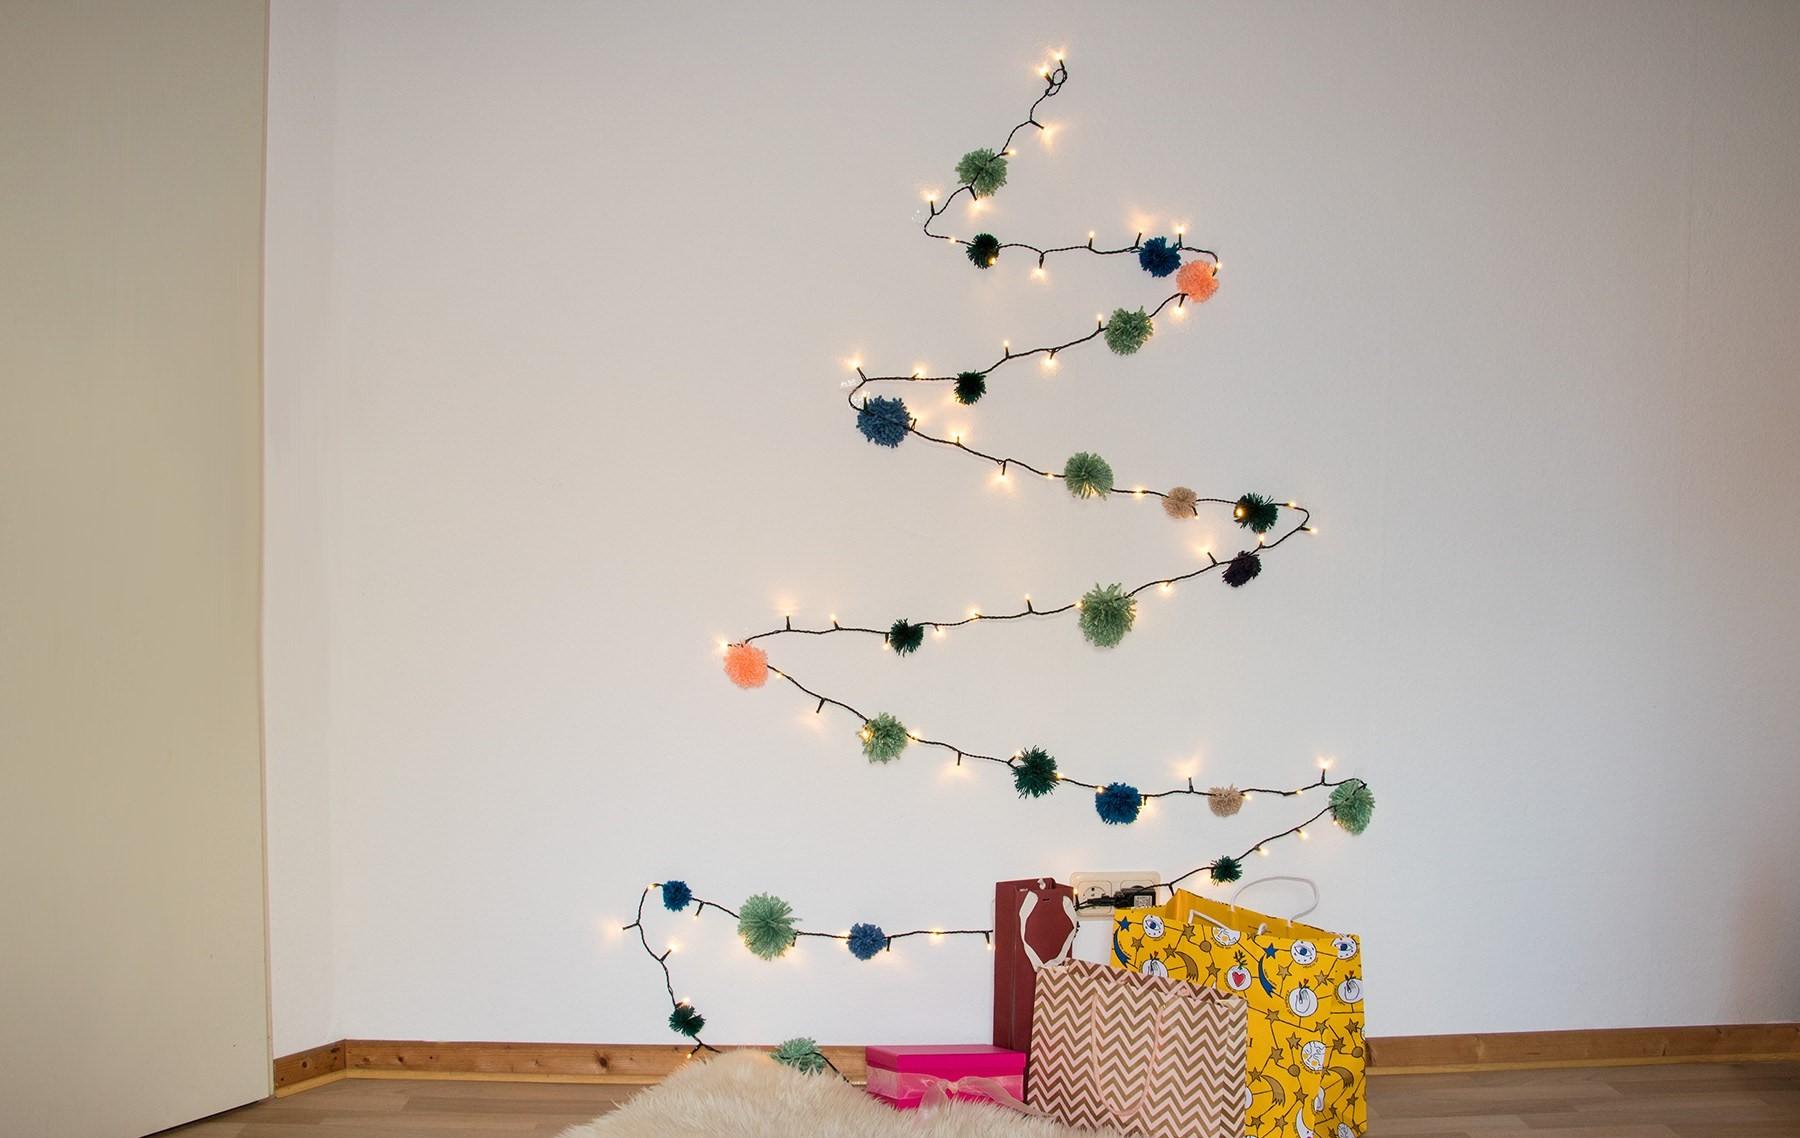 Zéro gaspillage de Noël: nous pouvons vous garantir que votre facture d'énergie sera réduite si vous oubliez les lumières de Noël.